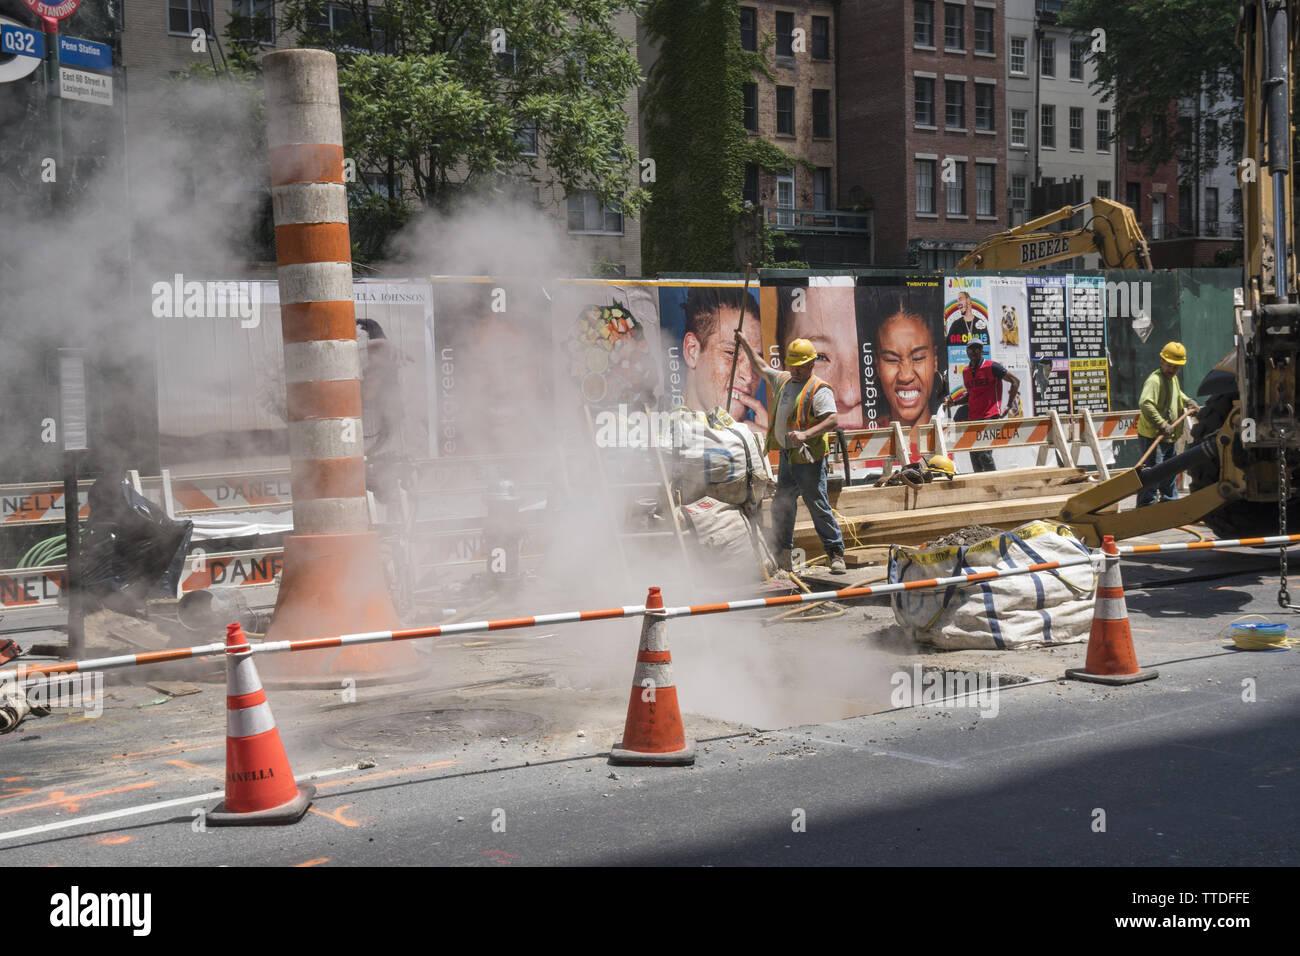 Dampf aus steigenden unter der Straße als Infrastruktur Arbeit geht auf 60th Street in der Nähe der Lexington Avenue auf der East Side von Manhattan. Stockbild